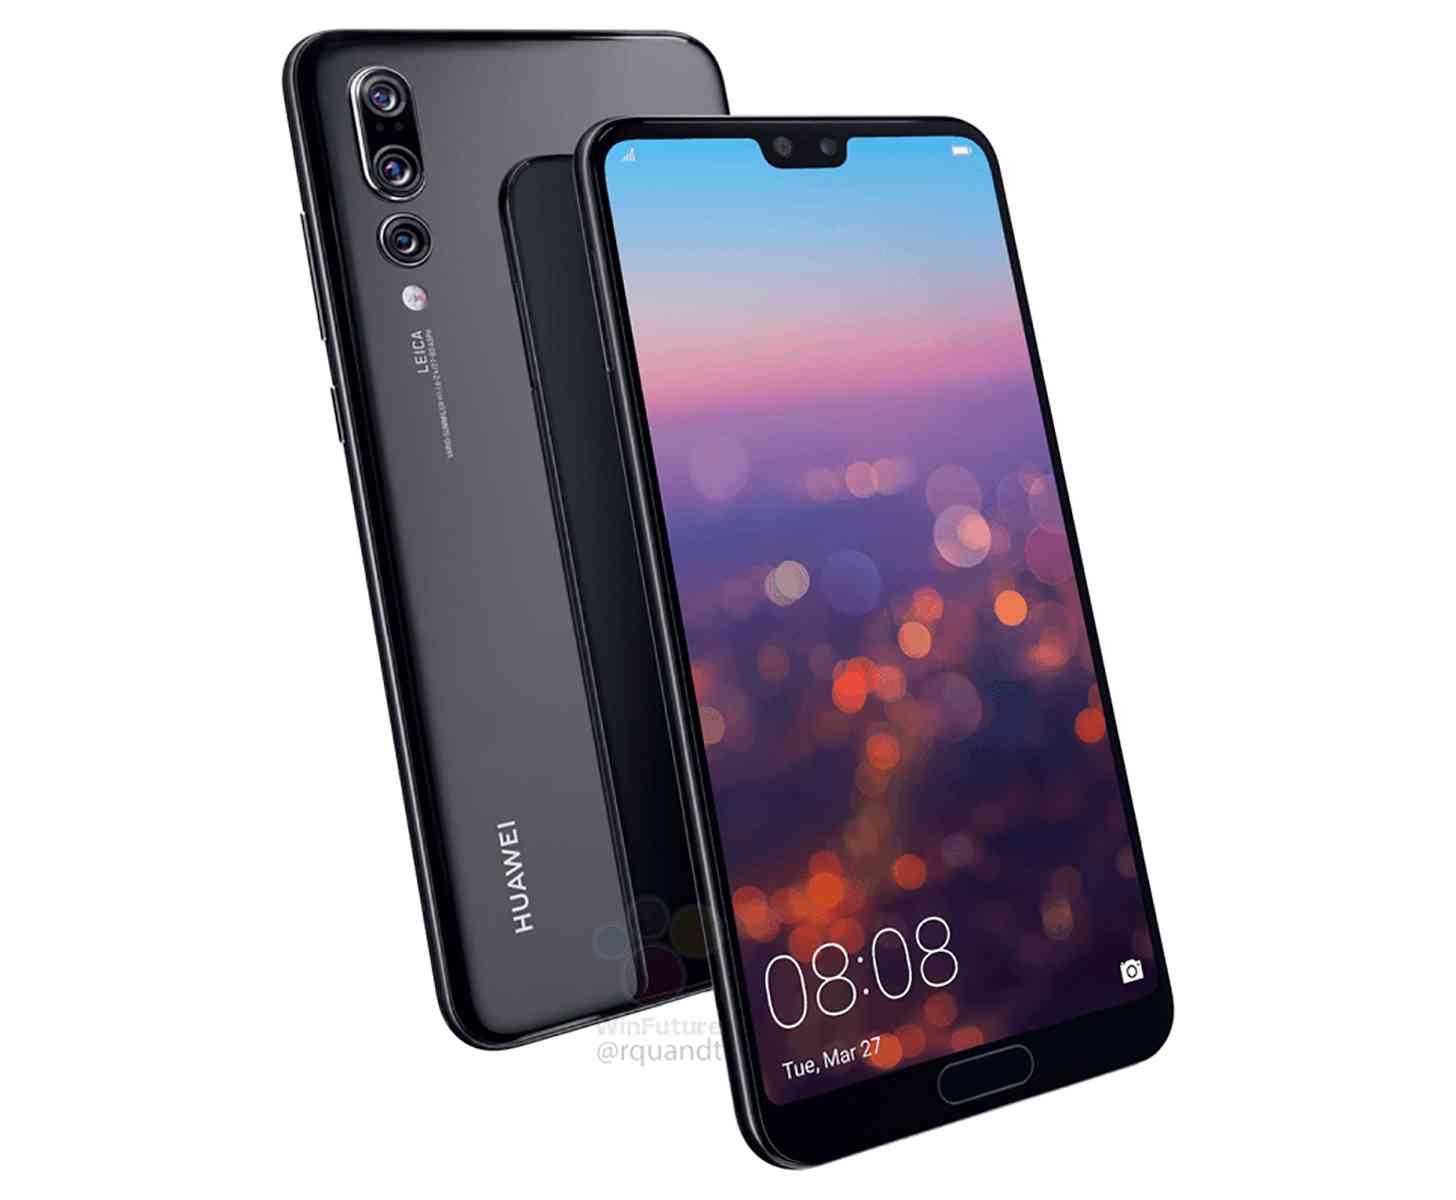 Huawei P20 Pro image leak